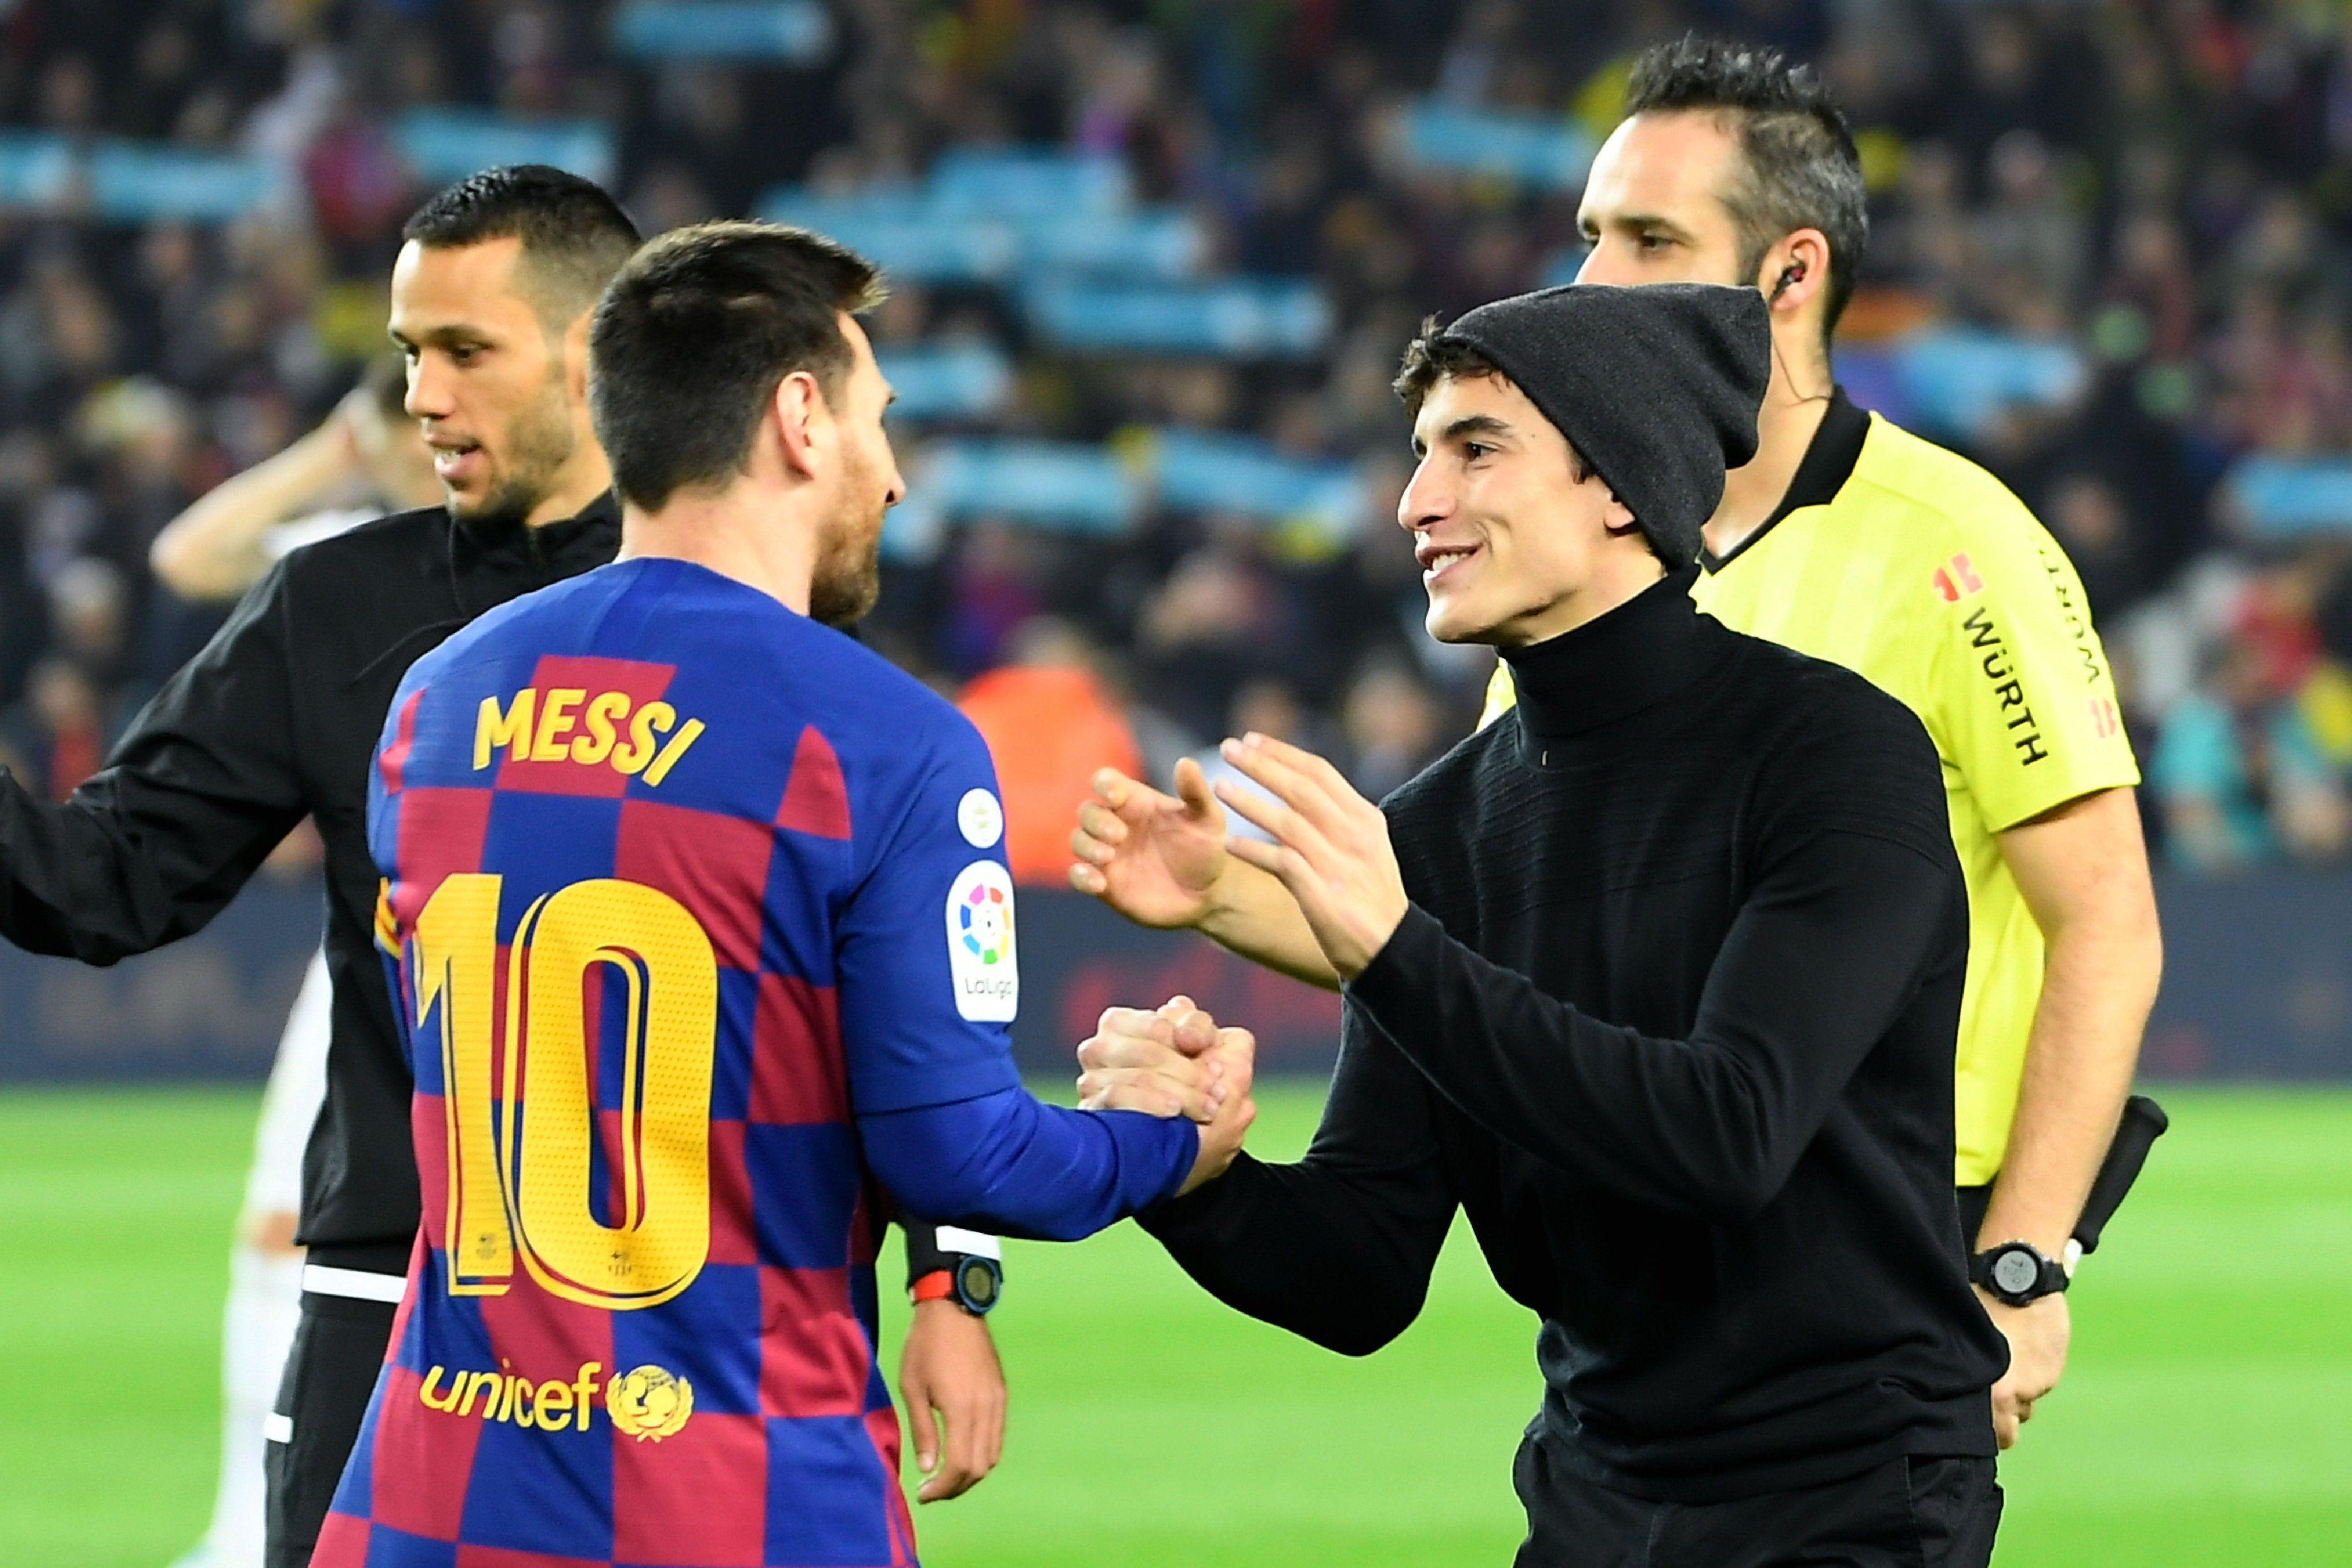 Marc Marquez & Lionel Messi Marc marquez, Lionel messi